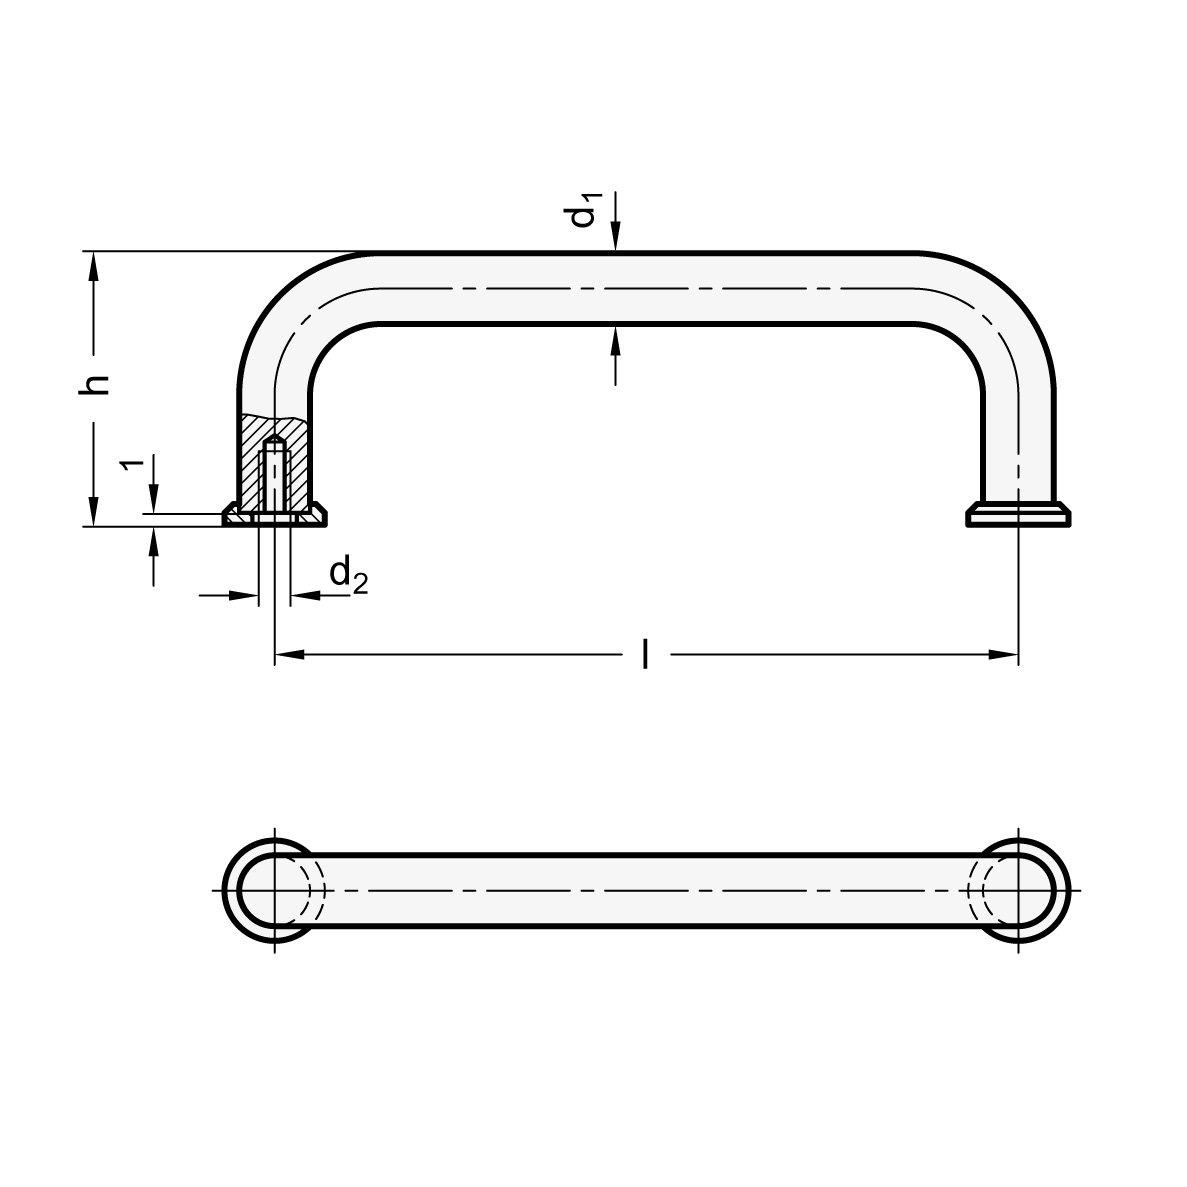 silber L/änge l Ganter Normelemente GN 425-10-100-CR 425-10-100-CR-B/ügelgriffe 100mm 2 St/ück